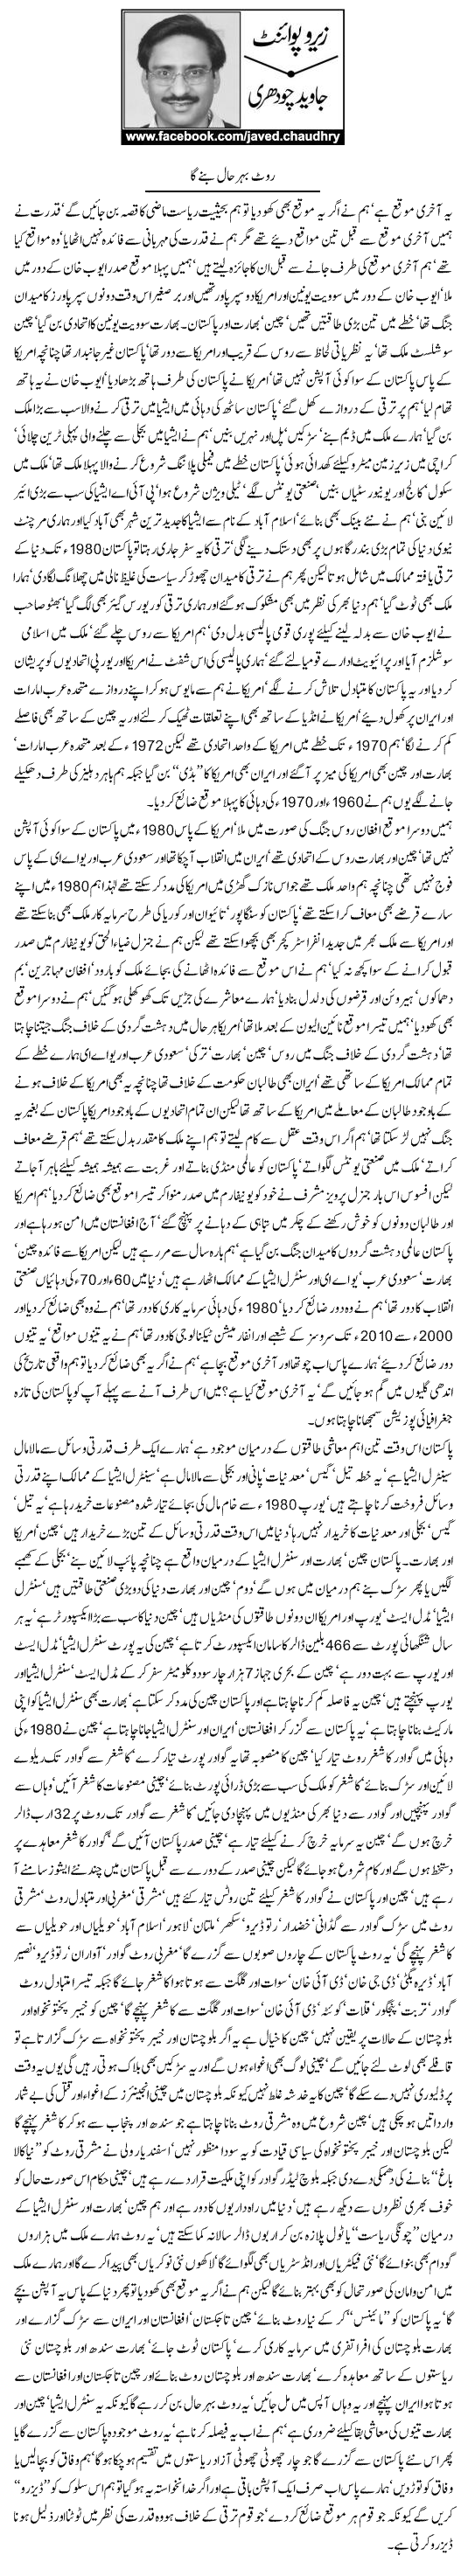 Route Bahrhal Banaega By Javed Chaudhry - Pakfunny